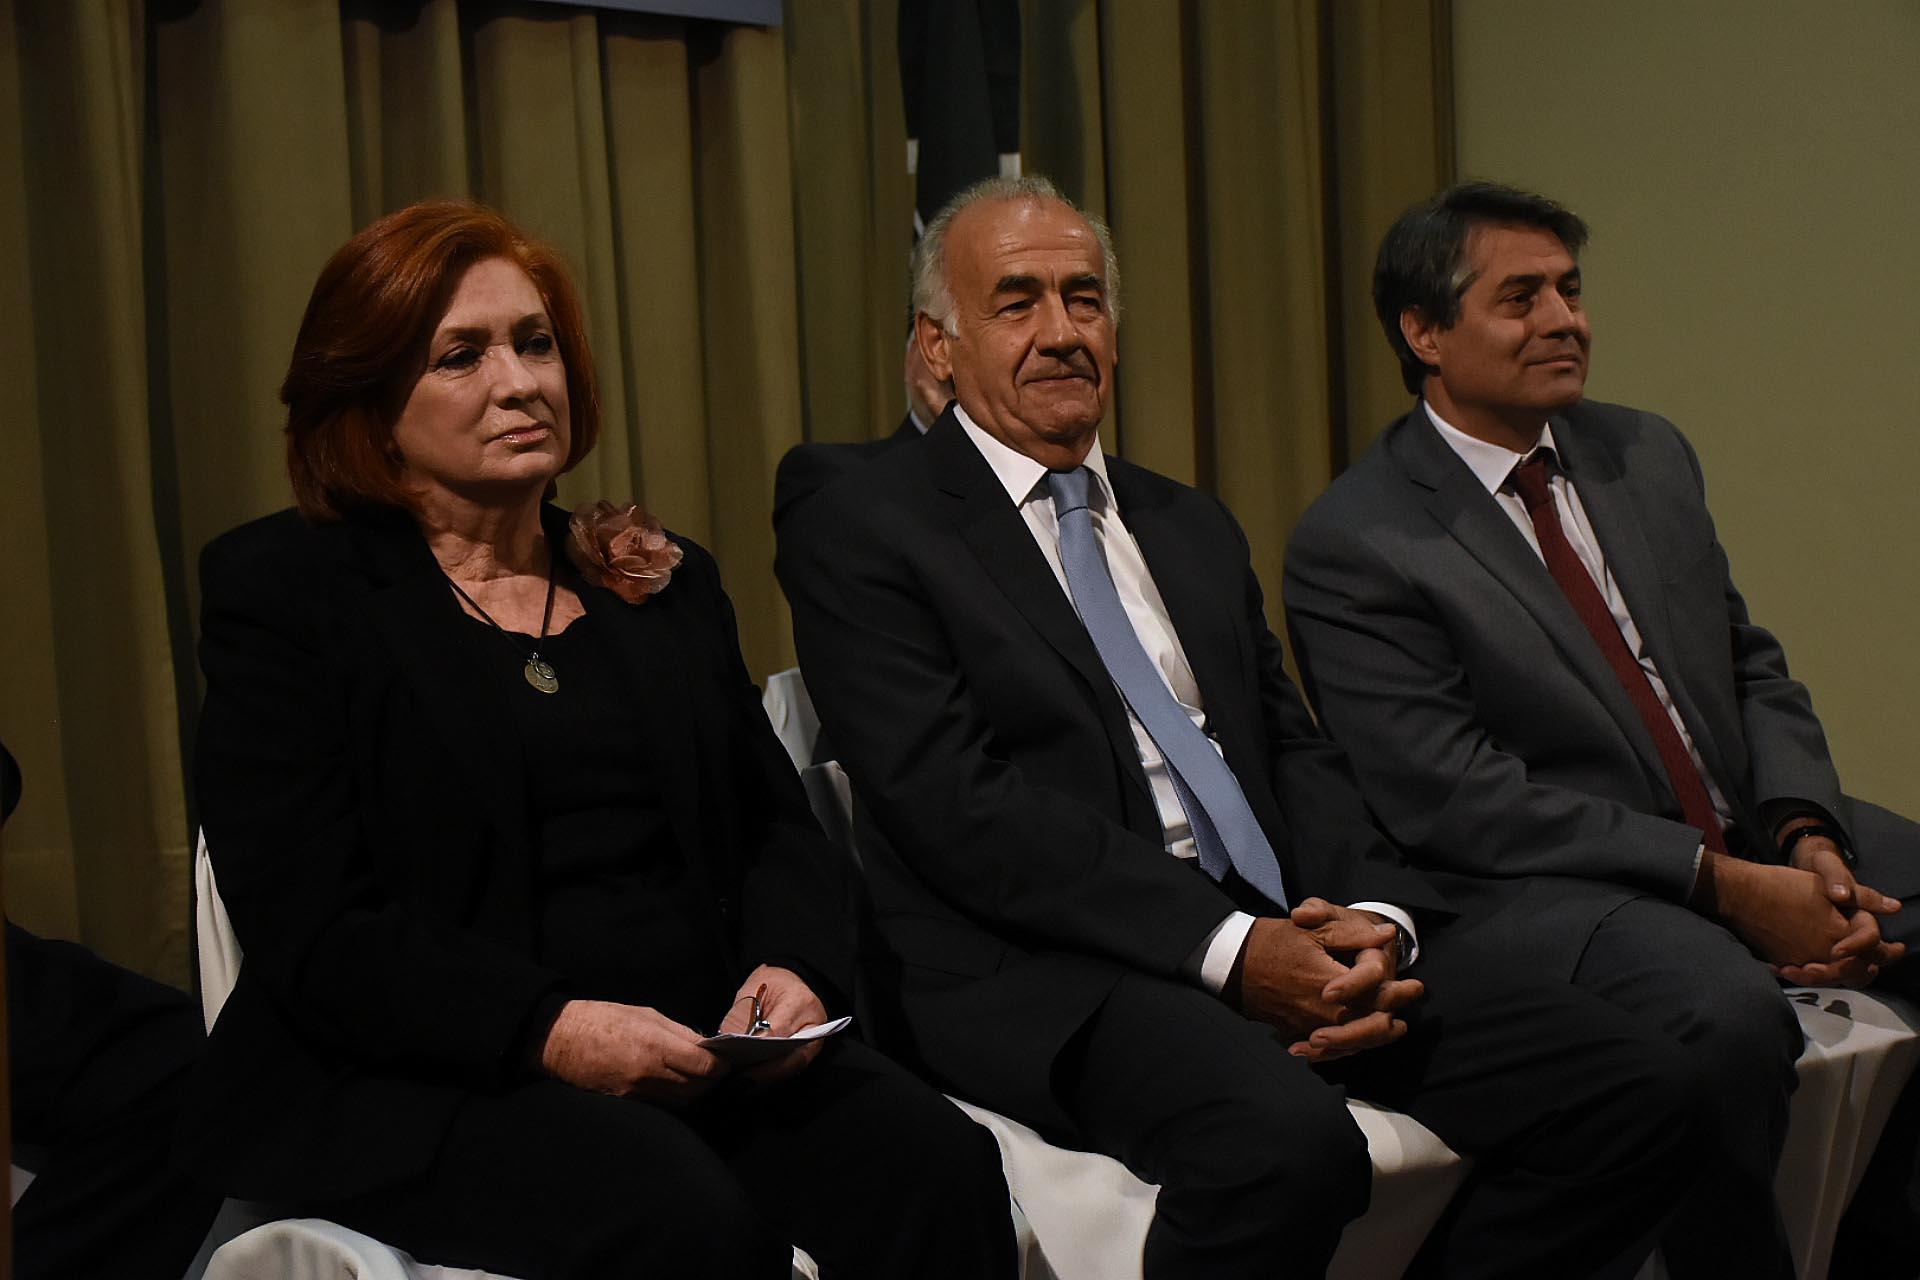 Parte del jurado de ADE. De izquierda a derecha: Teresa González Fernández, Antonio Assefh y Gastón O`Donnell